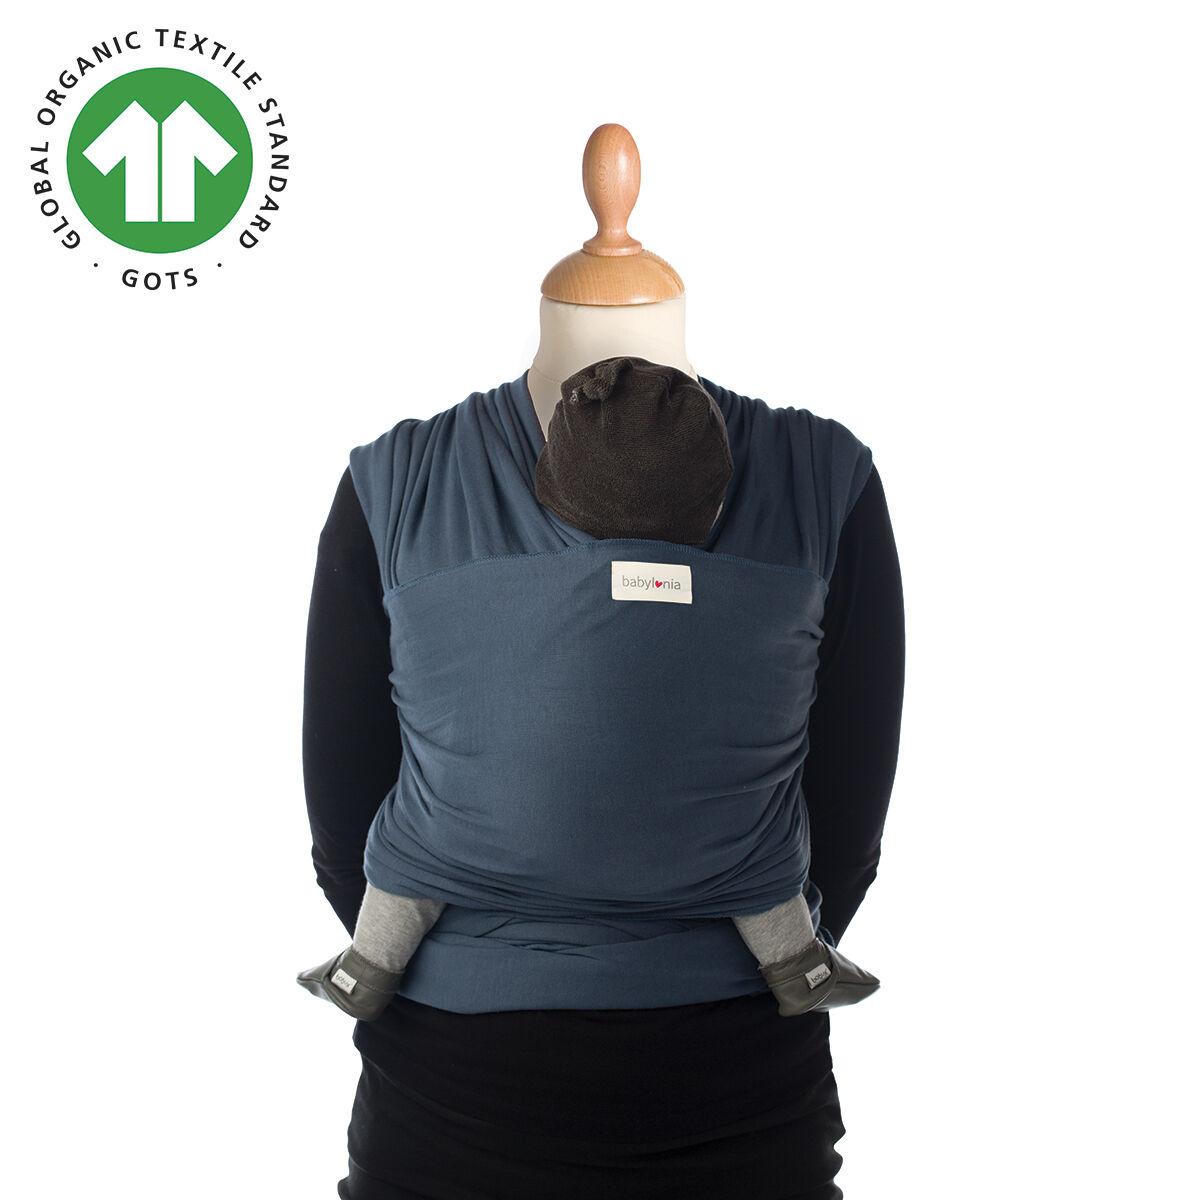 Babylonia Baby Carriers Écharpe de portage extensible en coton biologique Tricot-Slen Organic BLEU Babylonia Baby Carriers